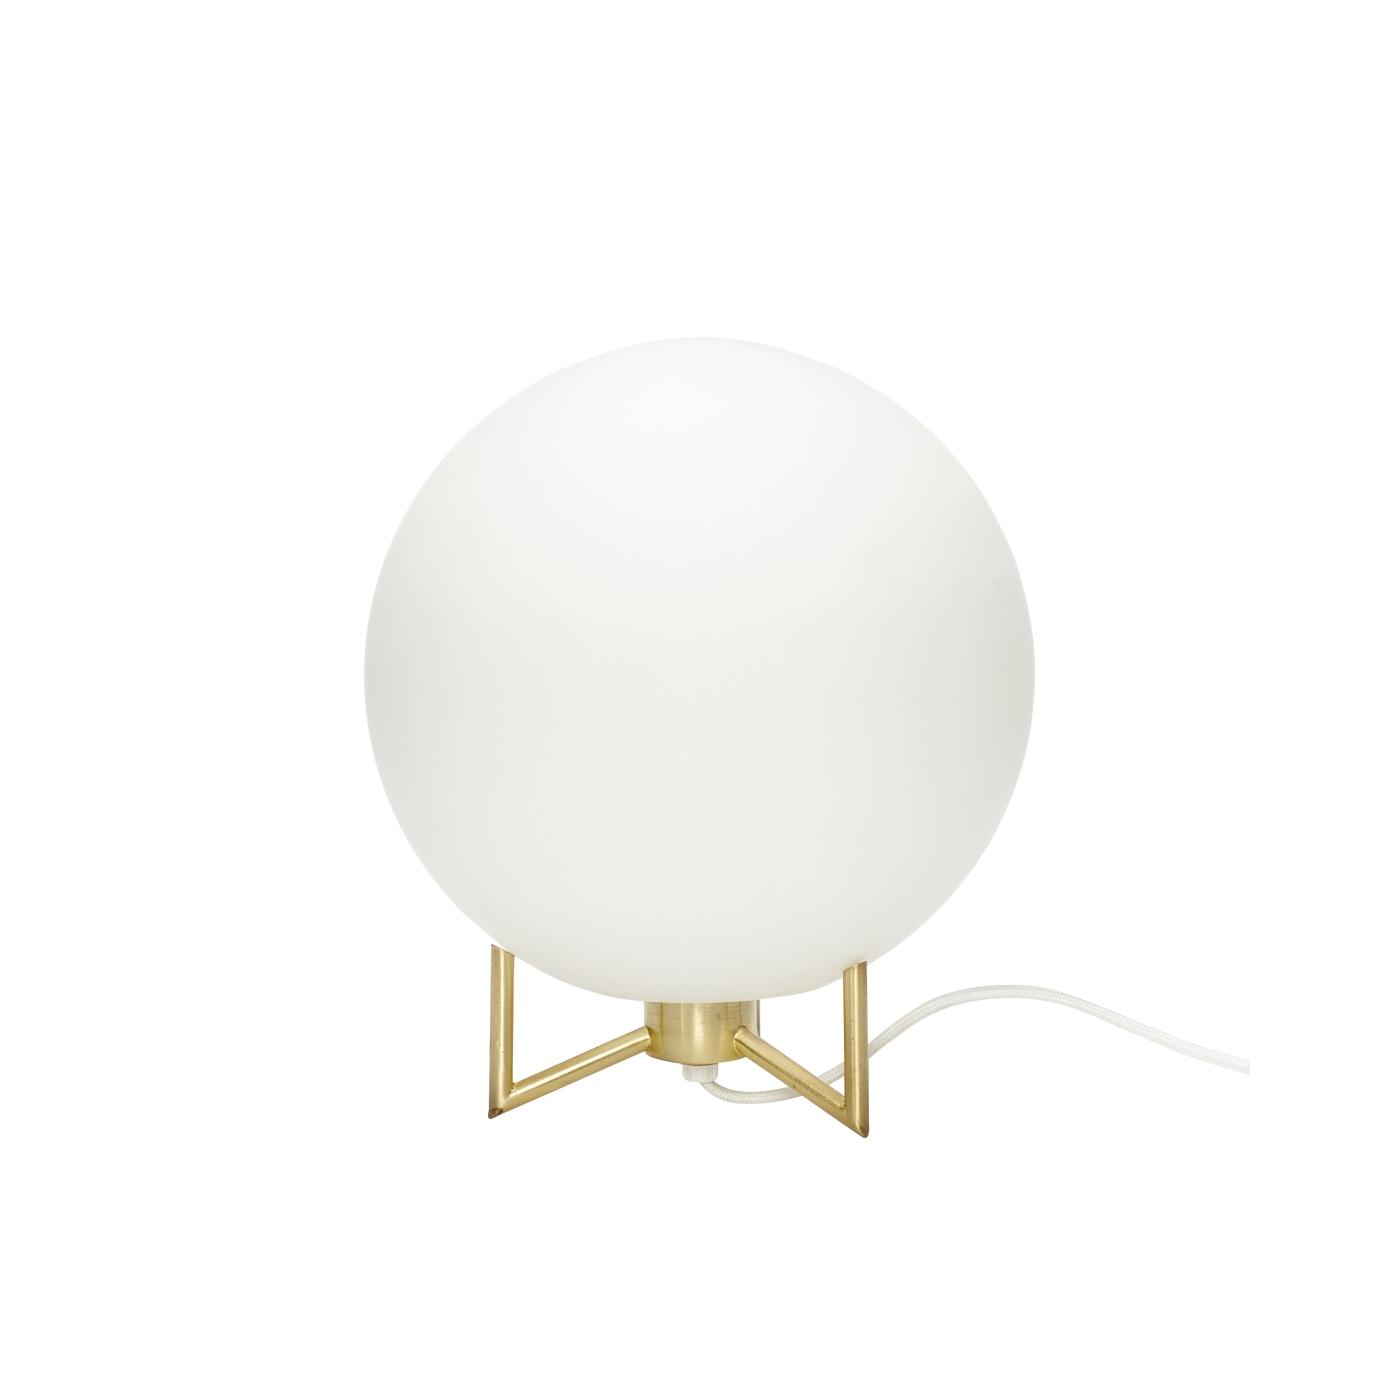 Bordslampa klot mässing, Hubsch DesignKoll se